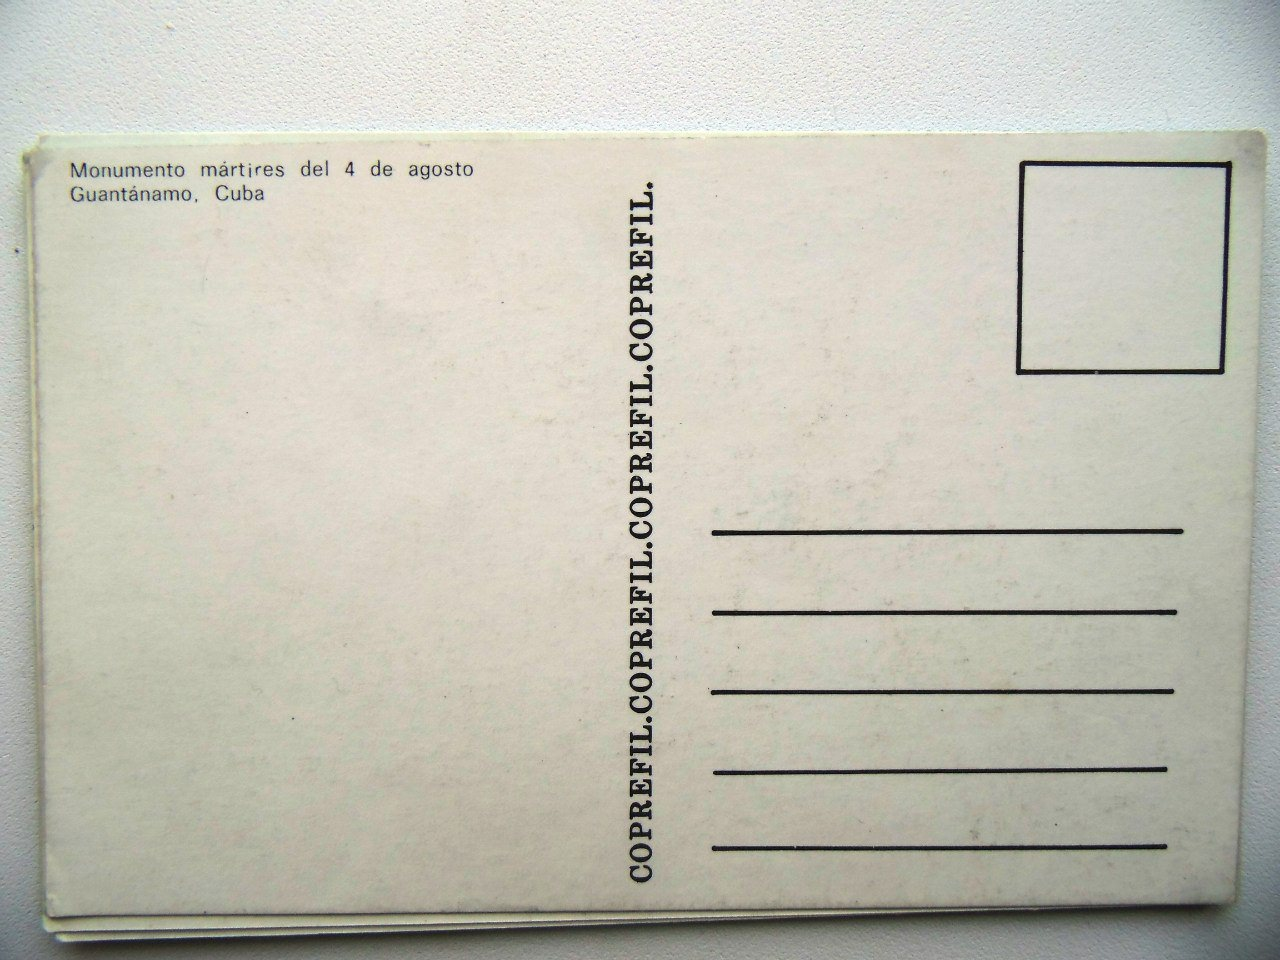 Типовой оборот следующих шести открыток.